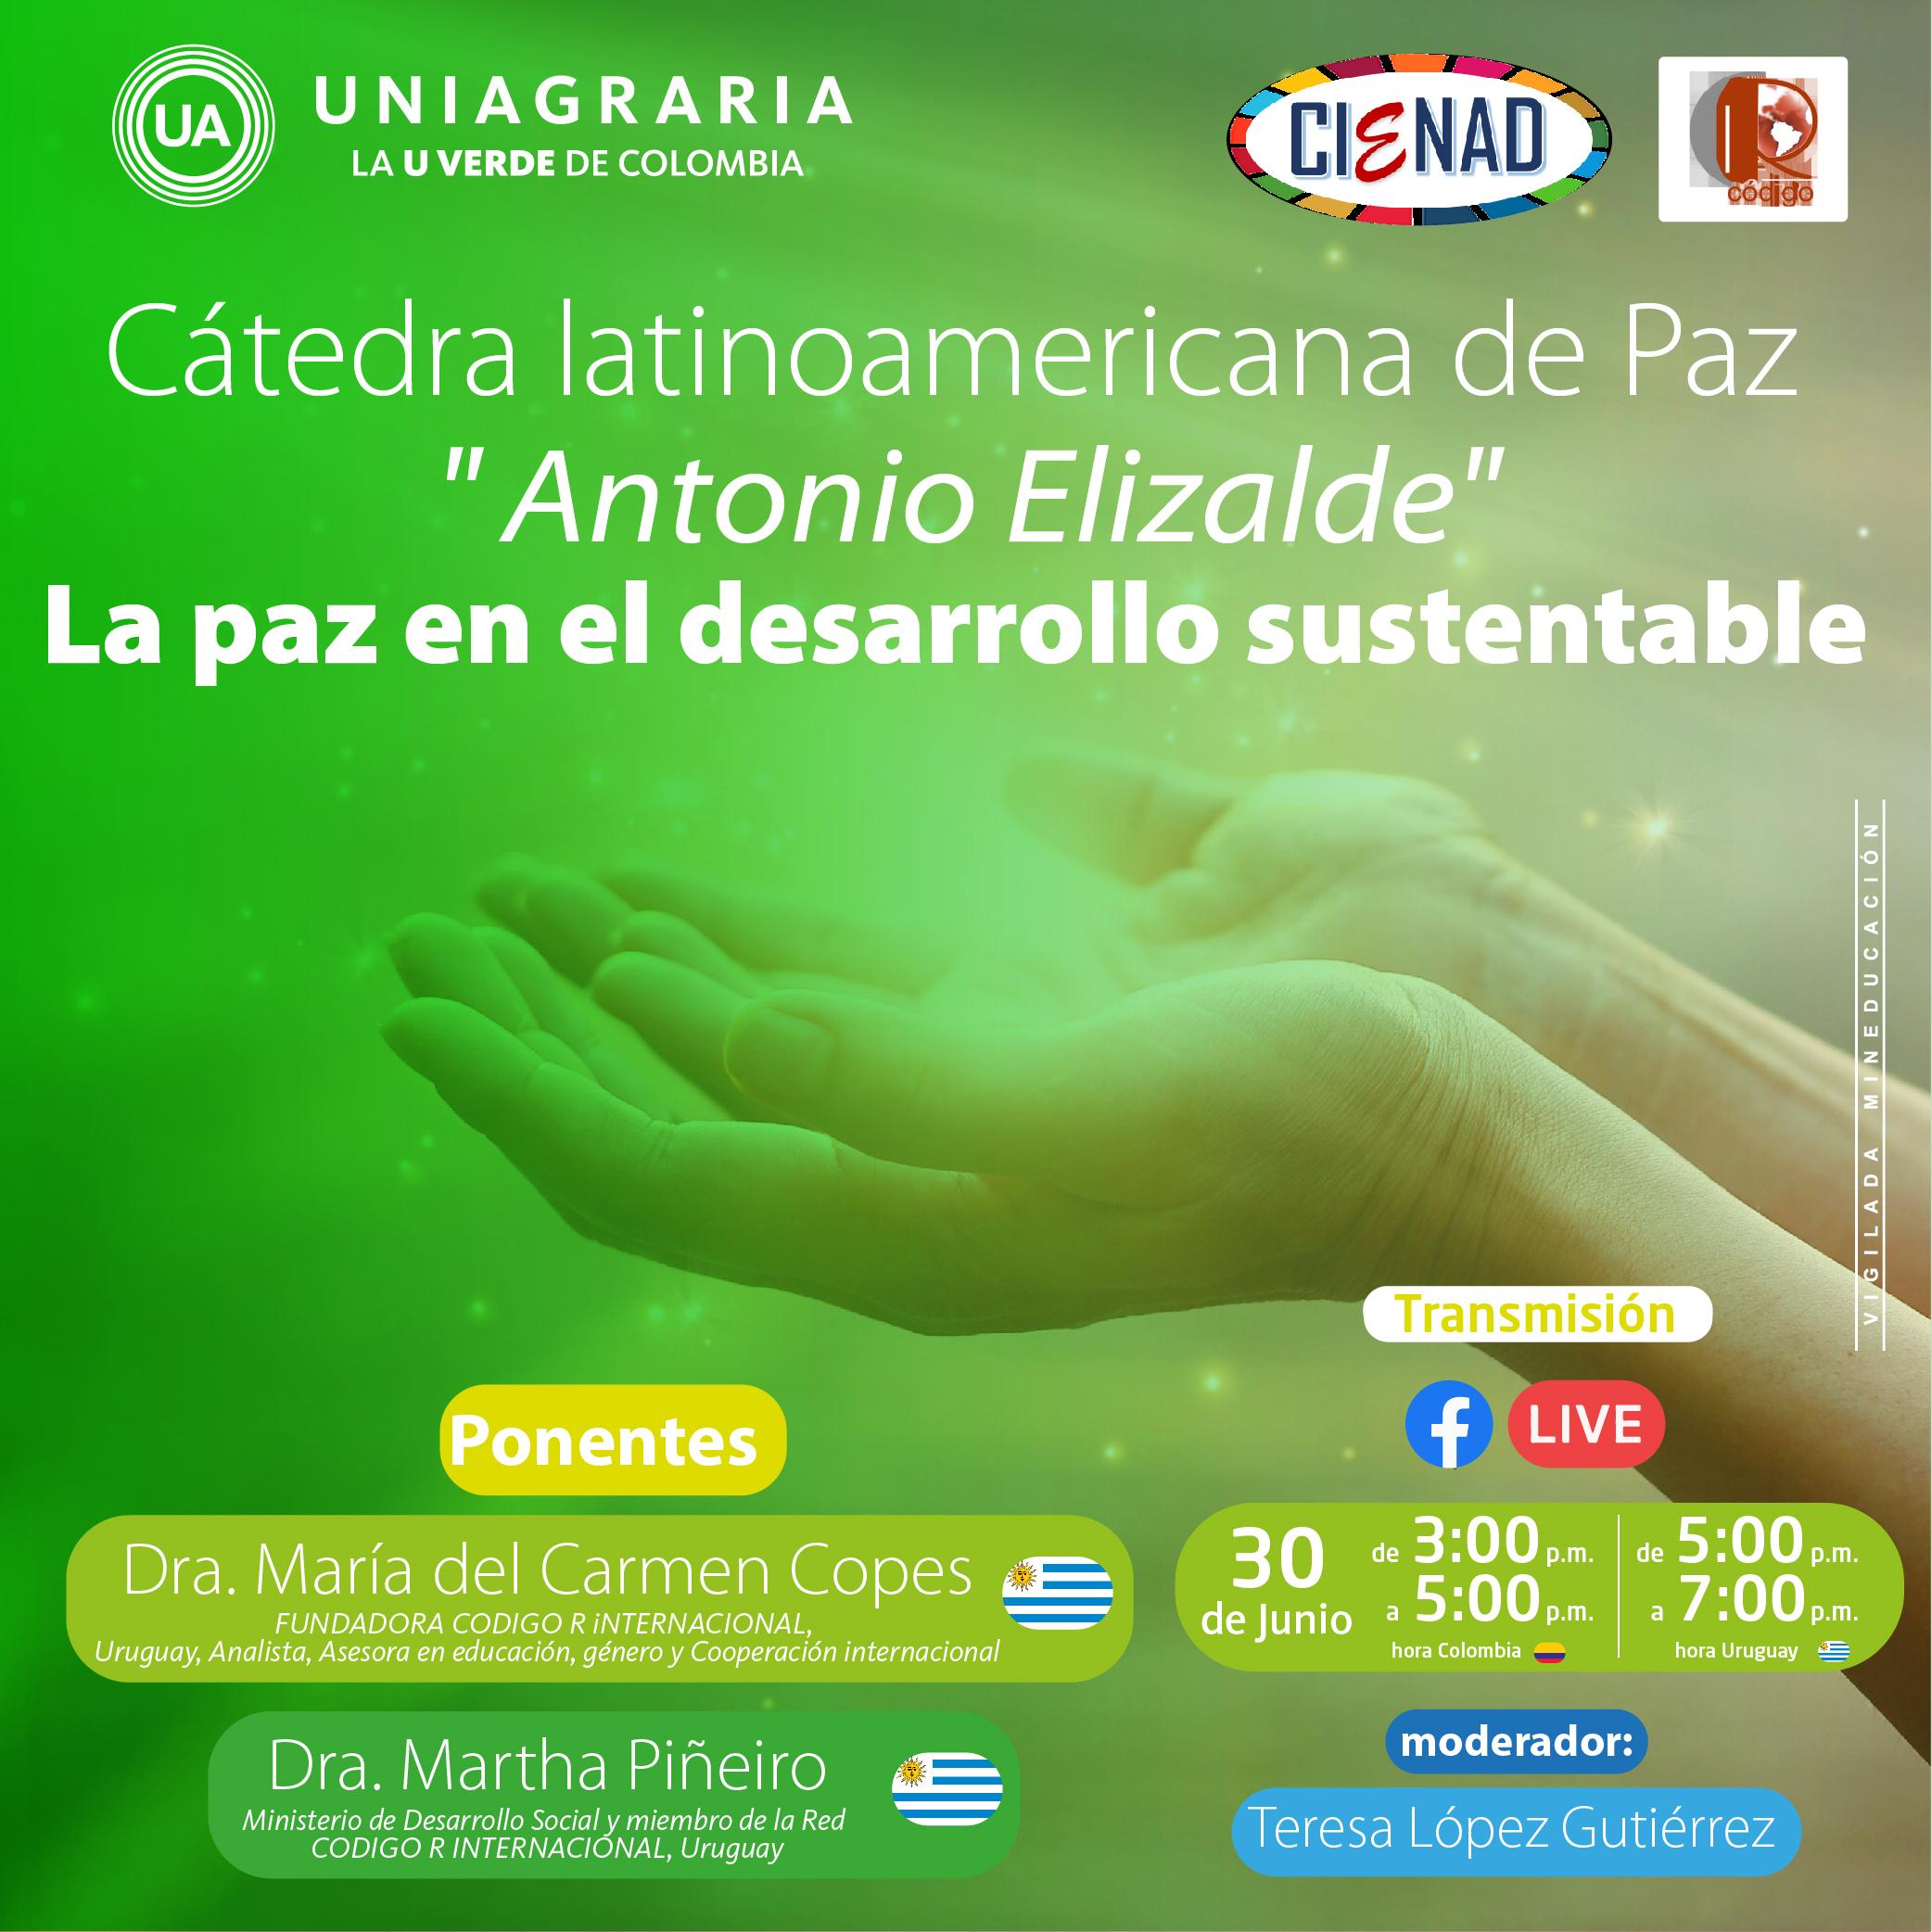 Cátedra latinoamericana de Paz: La paz en el desarrollo sustentable